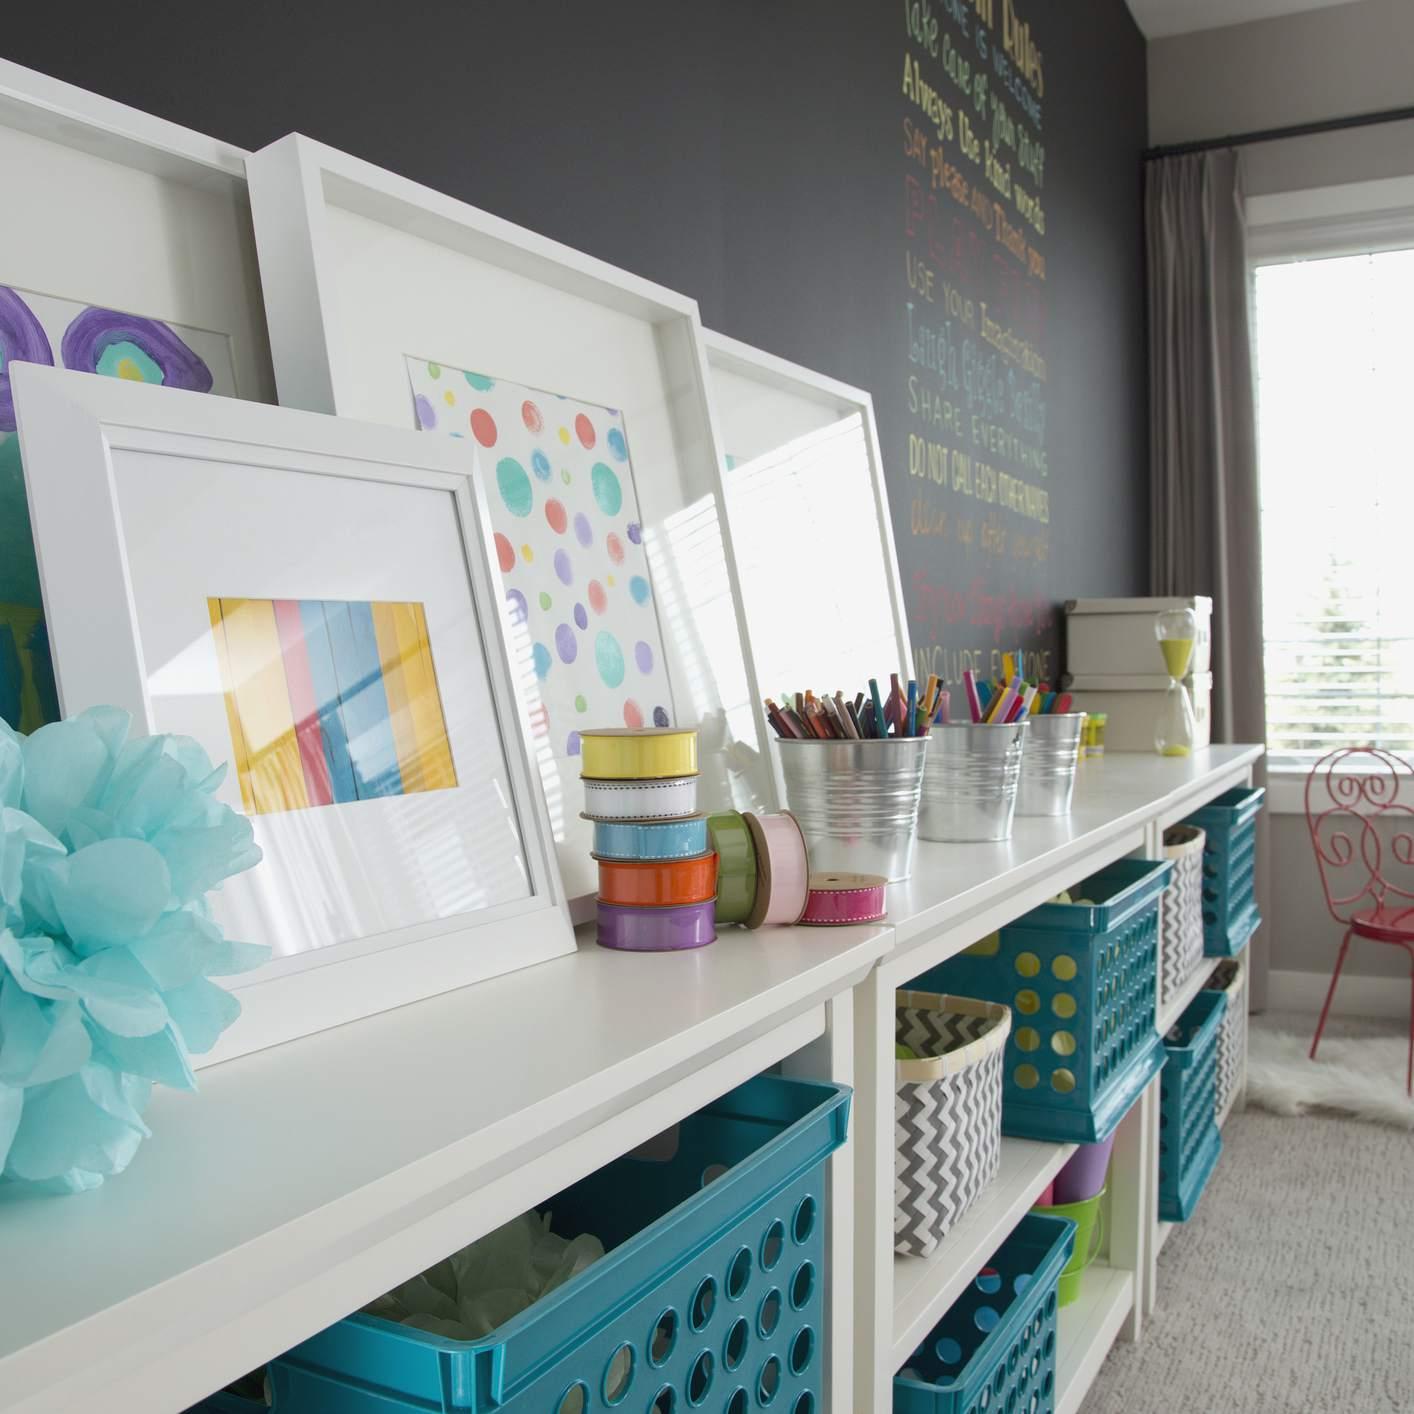 Help me organize my home